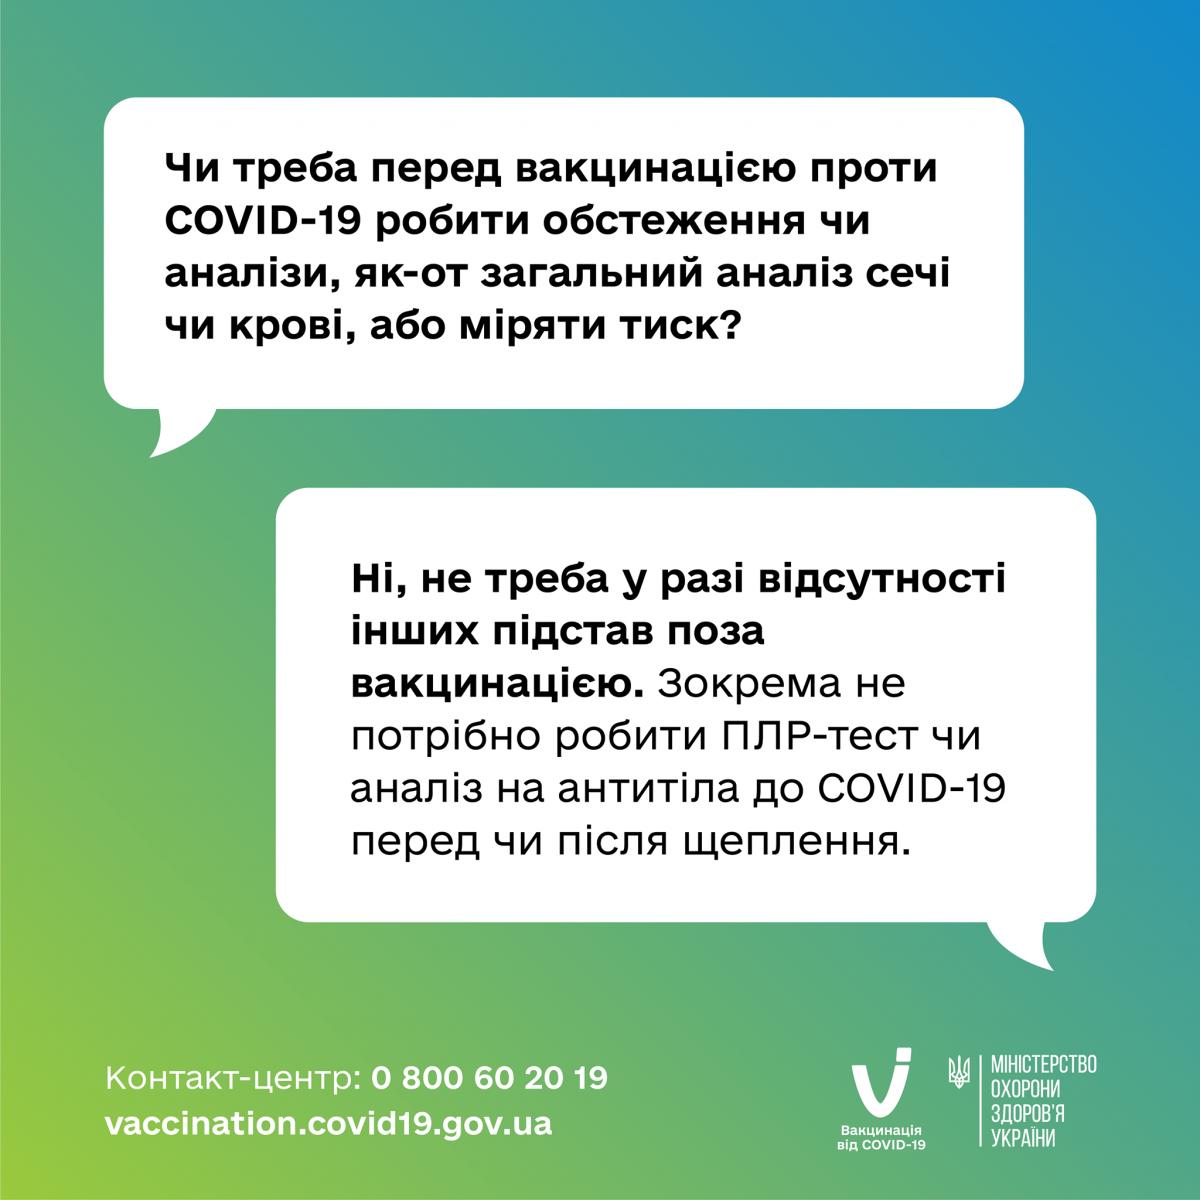 Дополнительные обследования перед вакцинацией ненужные / инфографика Минздрава